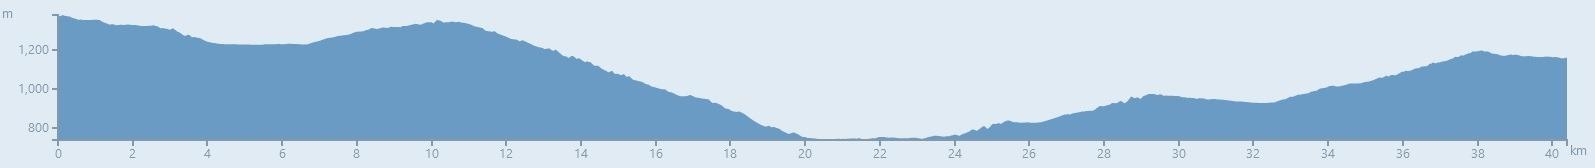 Assise - Monte Sant'Angelo à vélo - Étape 10 - Profil du dénivelé